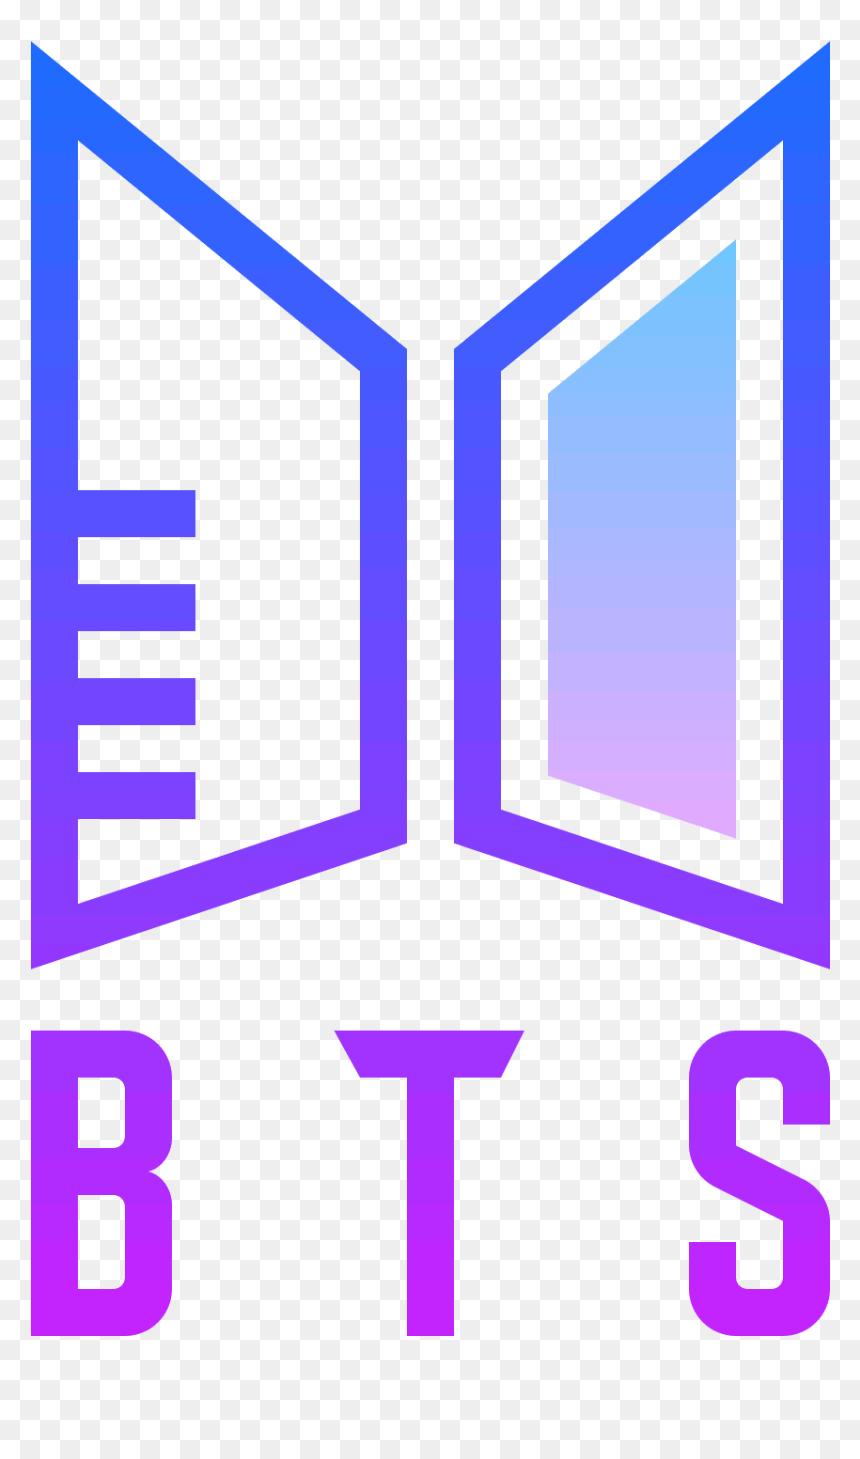 Logo Bts Png : Quote, Wallpaper, Laptop,, Transparent, 1600x1600, DLF.PT